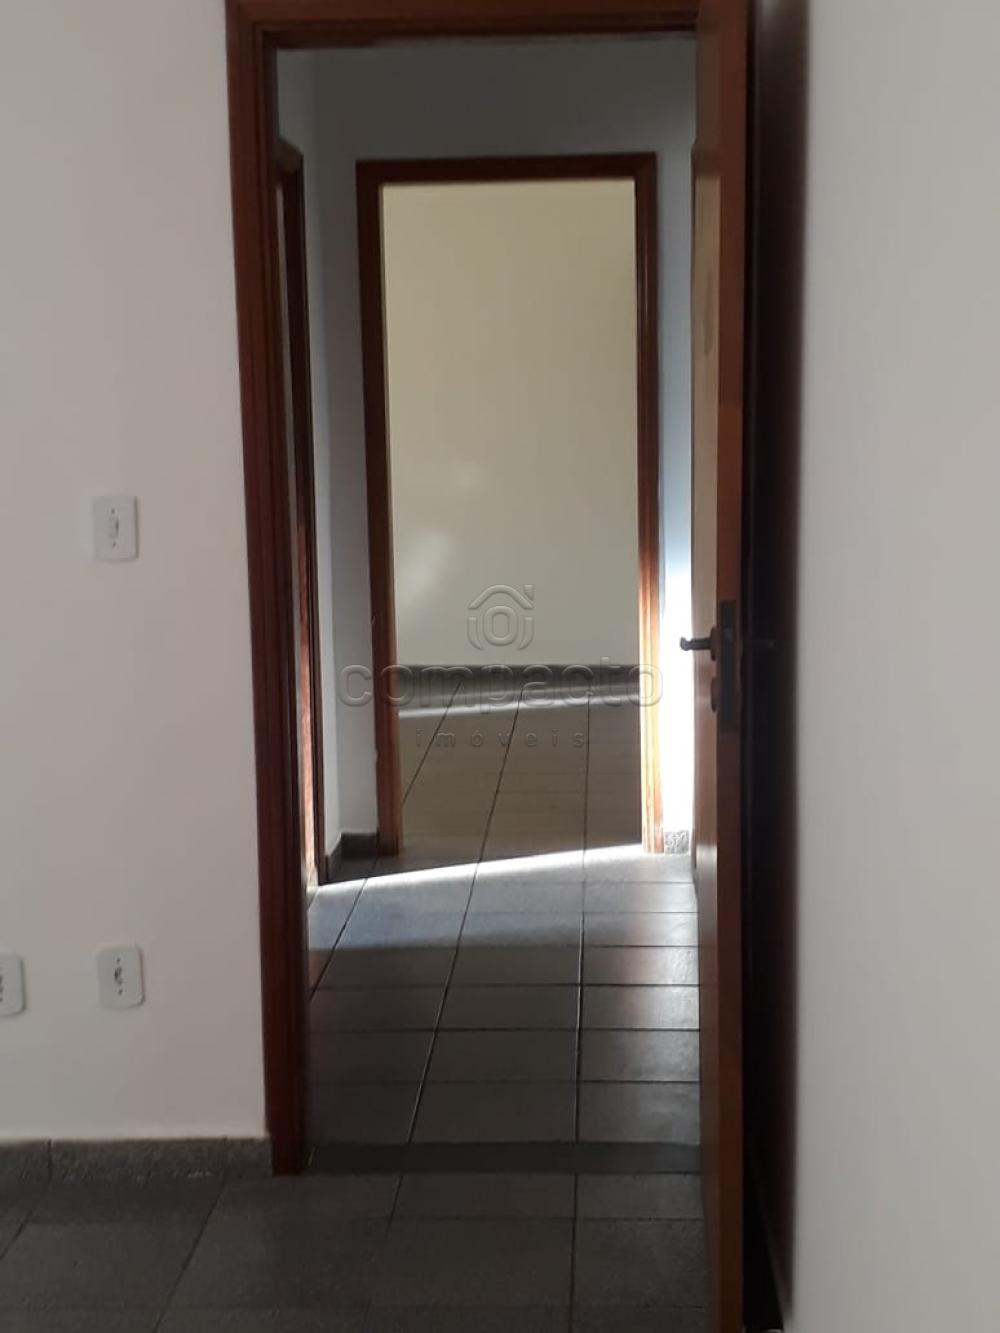 Alugar Casa / Padrão em São José do Rio Preto apenas R$ 1.500,00 - Foto 3